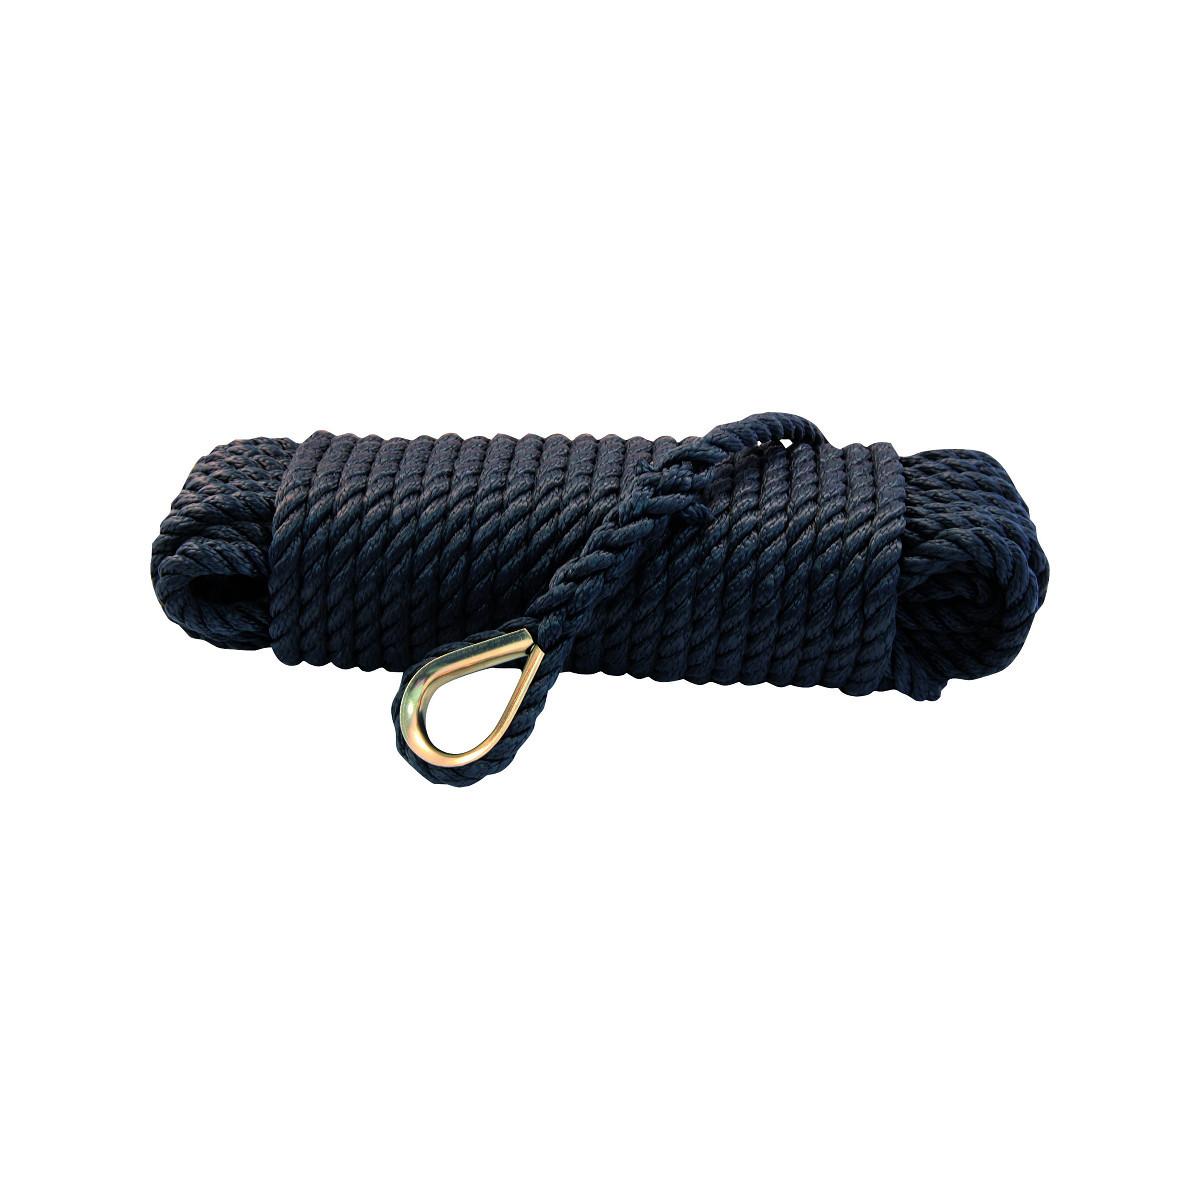 Talamex Ankerleine mit Kausche – schwarz, Durchmesser 12mm, Länge 30m